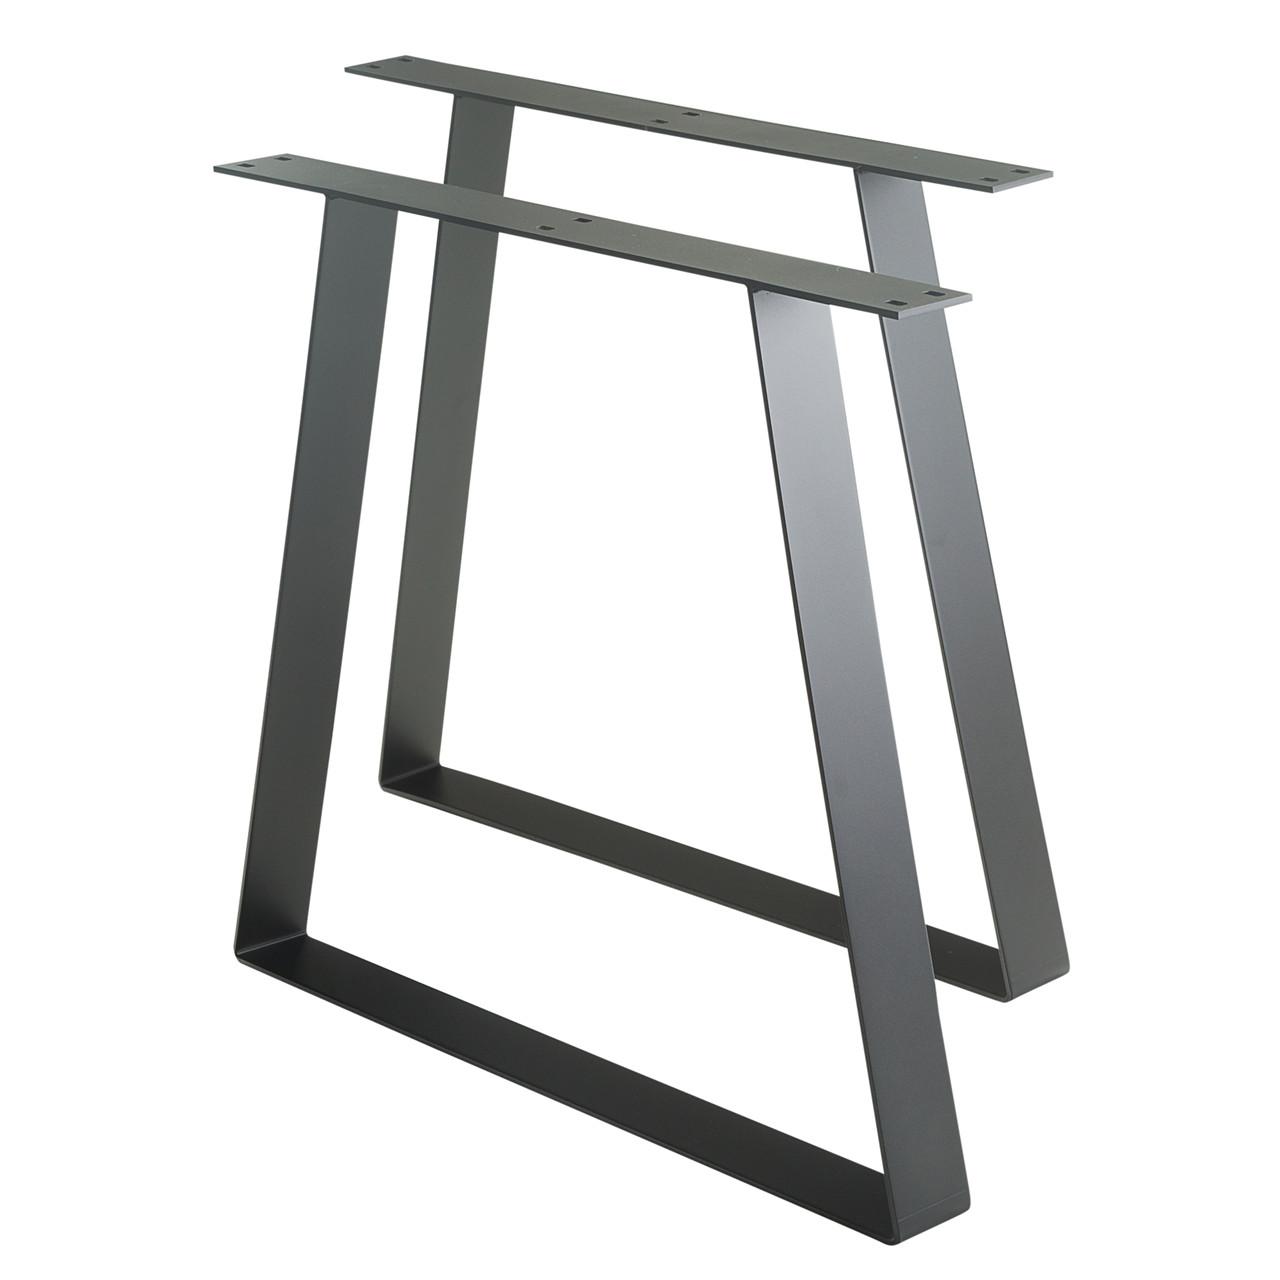 bordben Bordben til plankebord » Køb bordben til plankebord her bordben